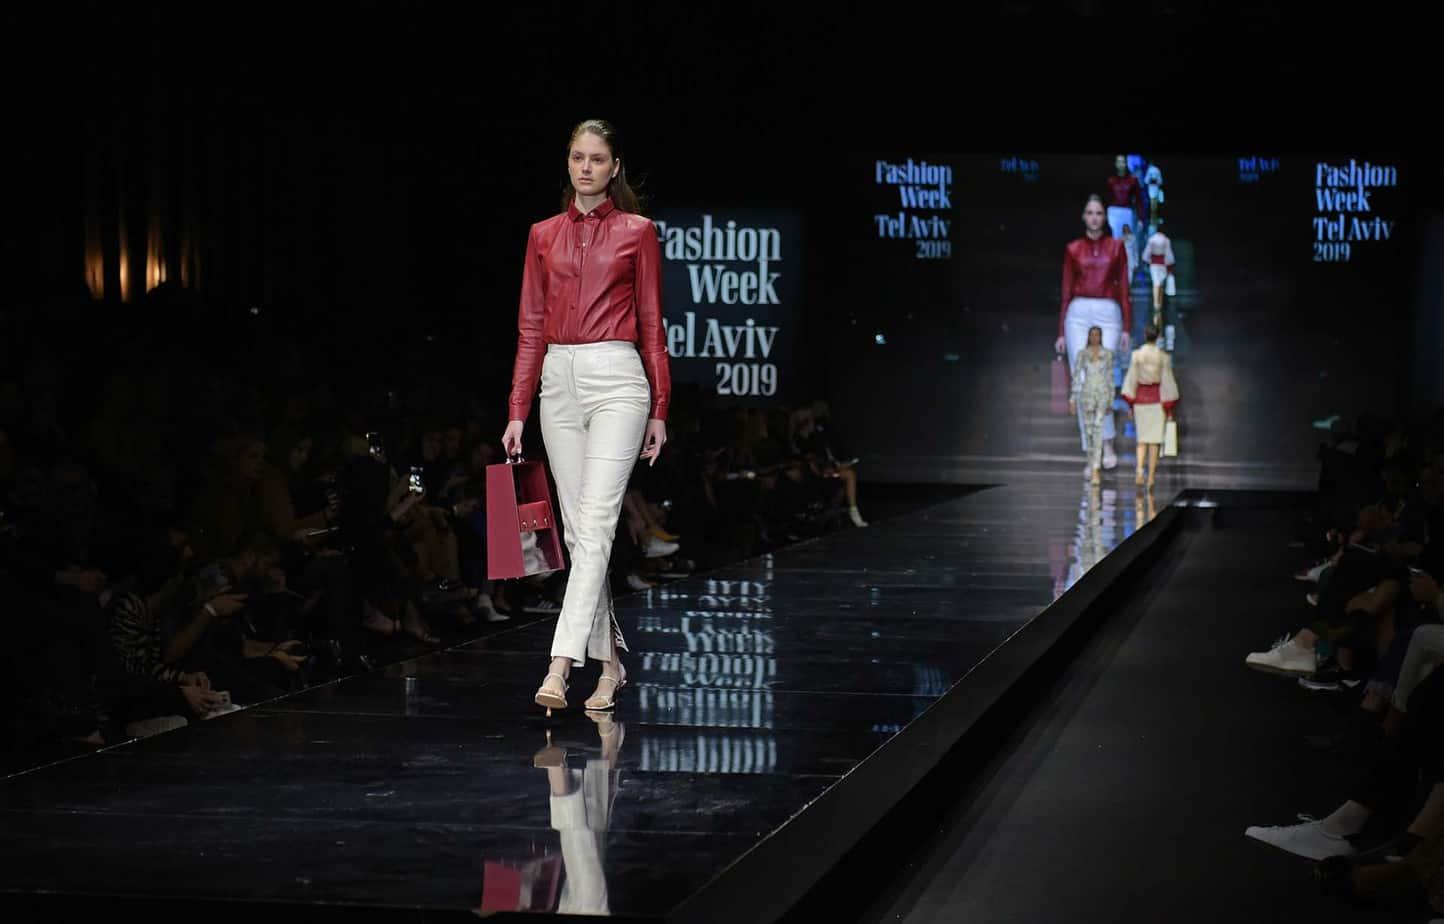 שי שלום. שבוע האופנה תל אביב 2019. צילום סרג'ו סטרודובצב - 11